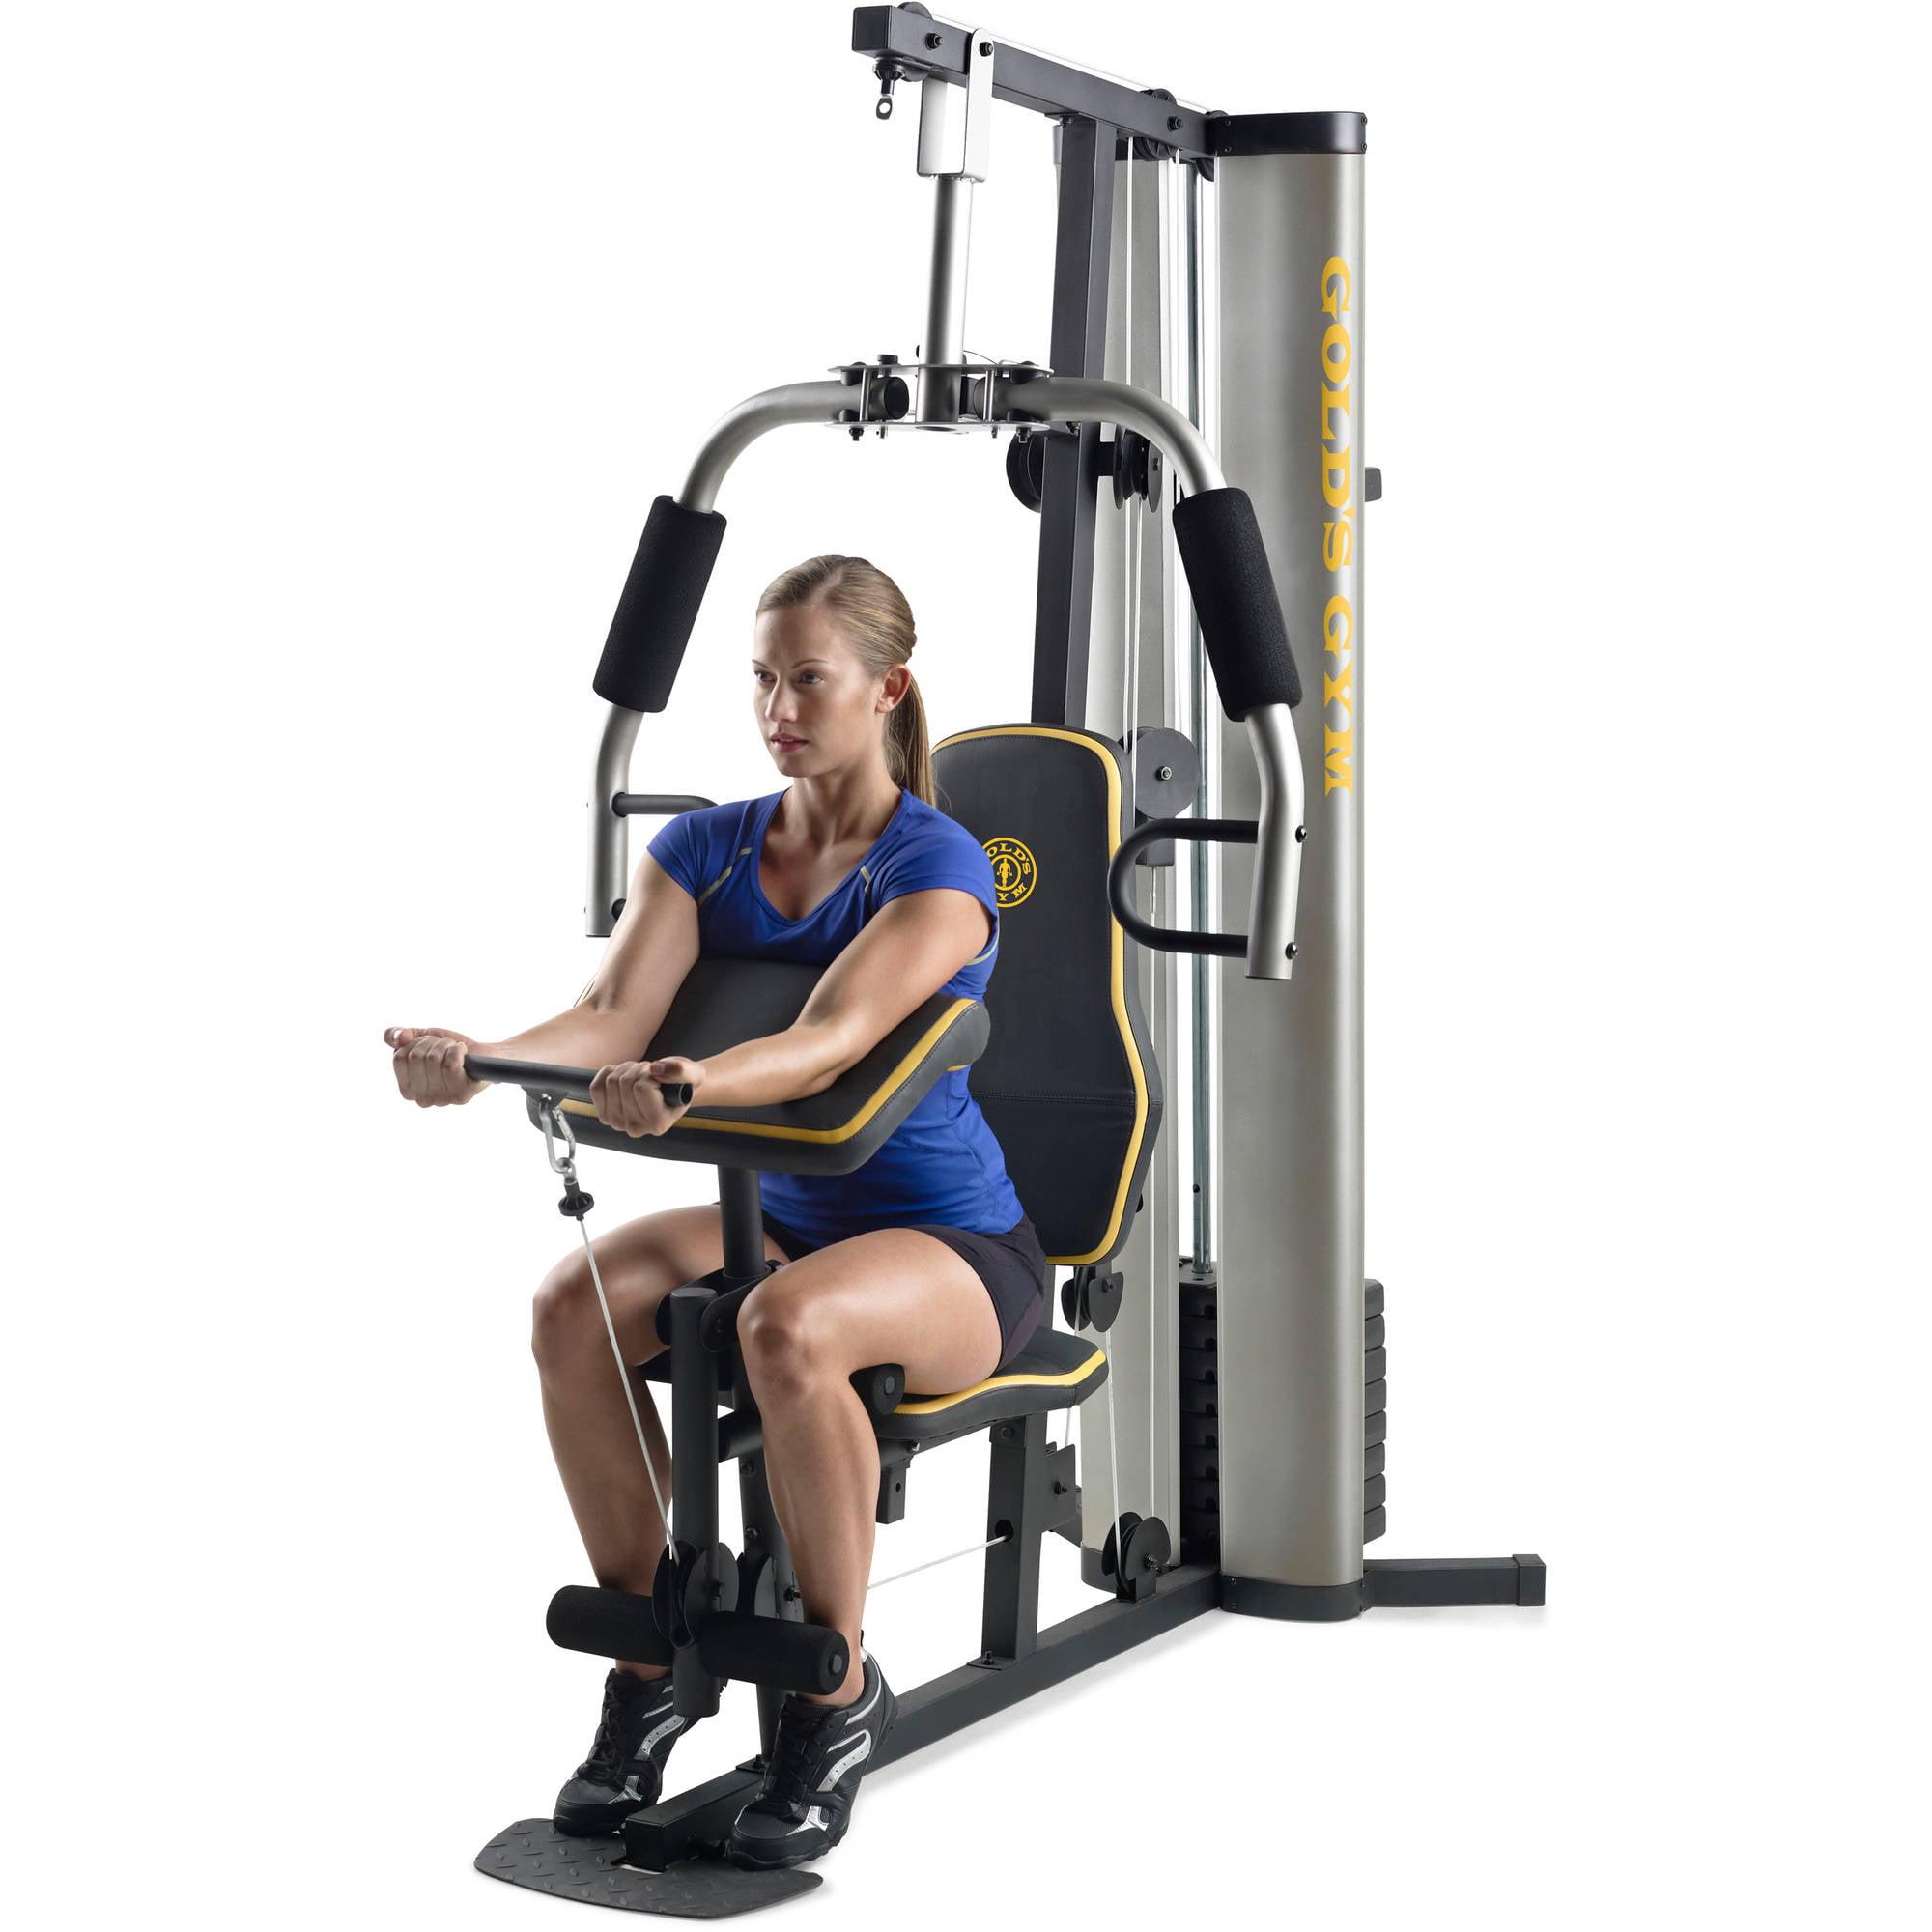 Golds Gym Xr60 Home Gym